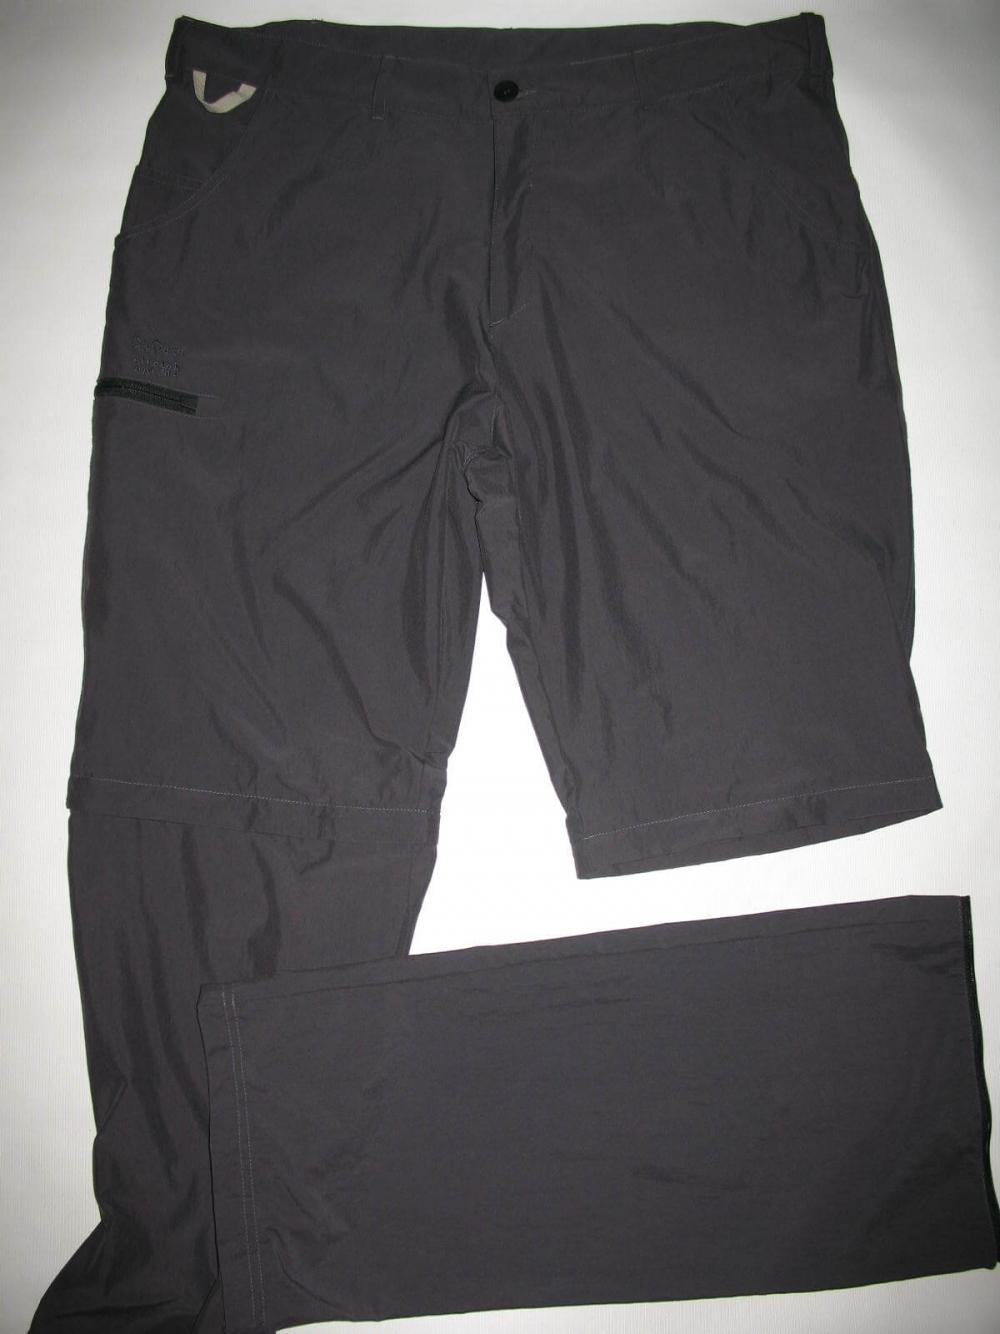 Штаны HALTI 2in1 quick dry pants (размер XXL) - 3